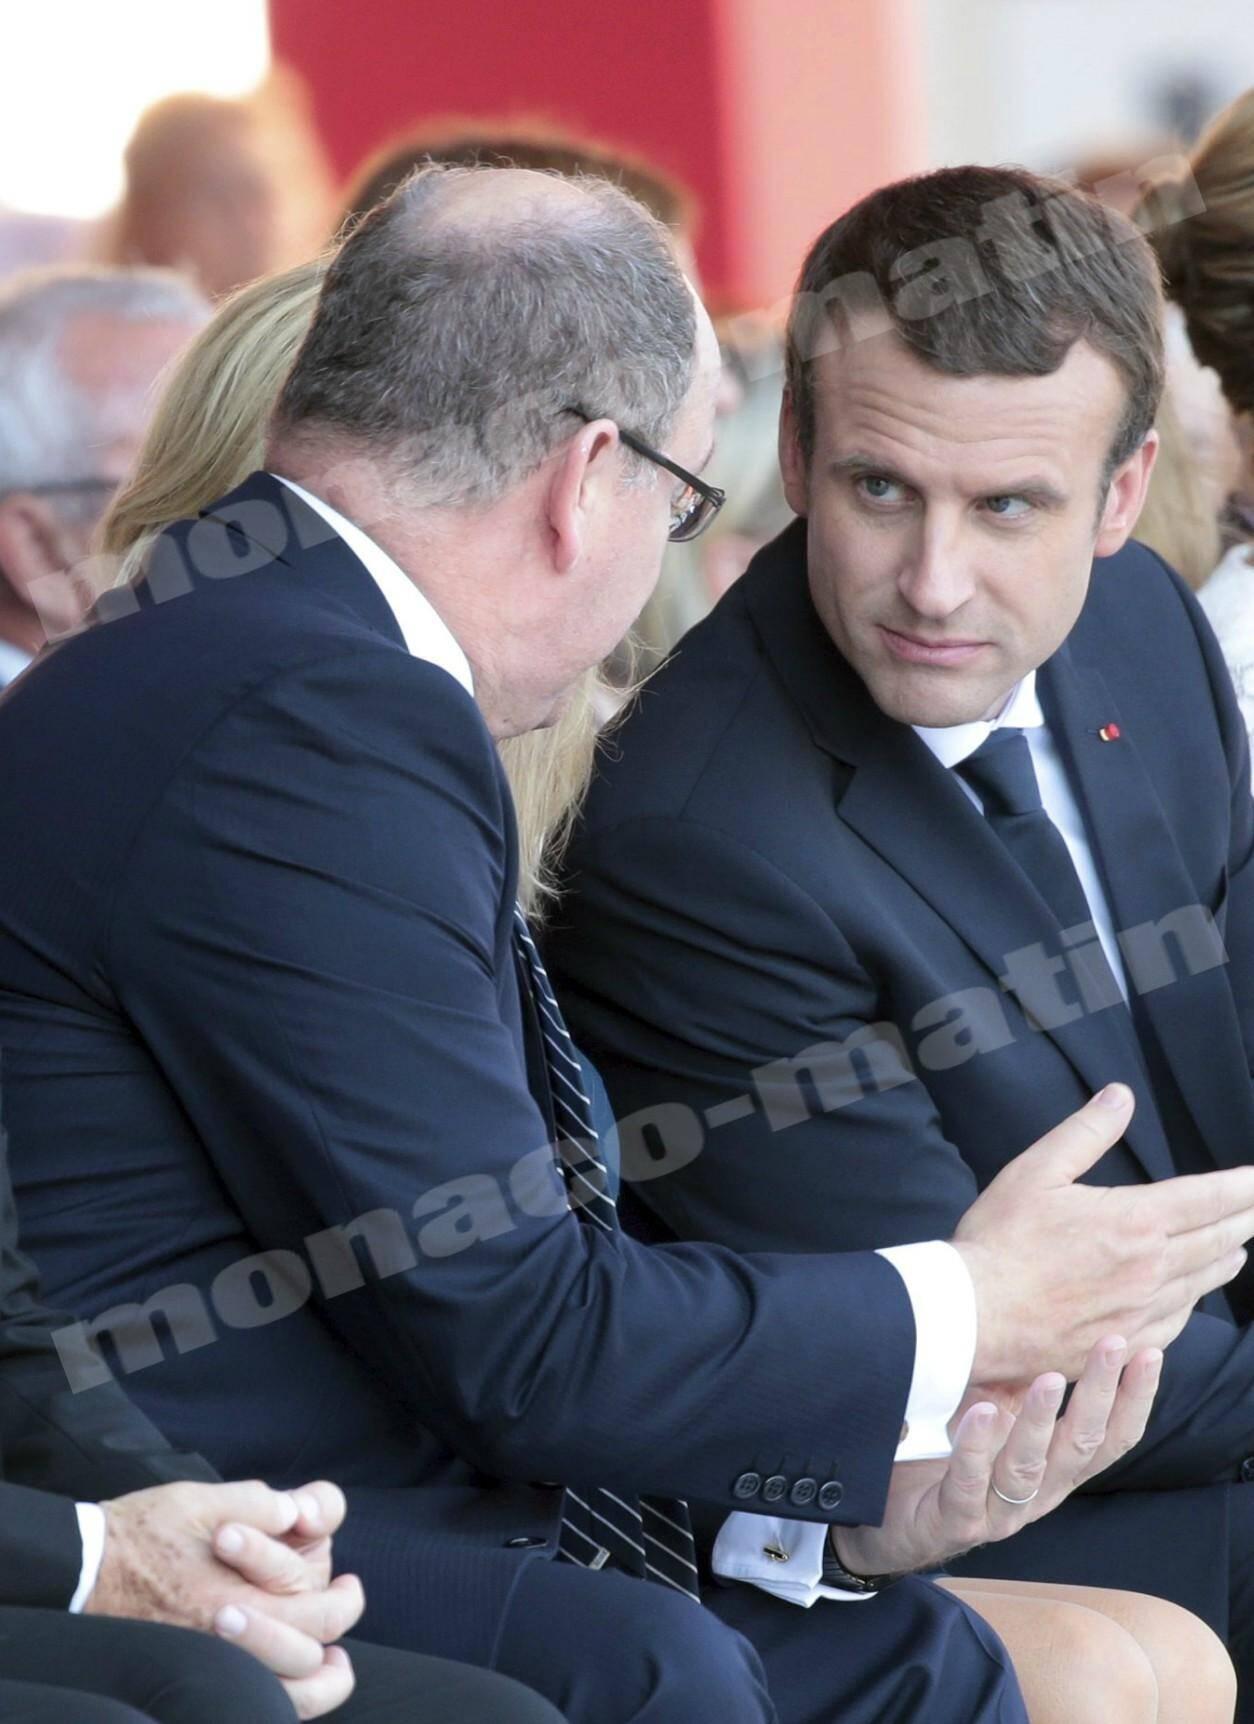 Le prince Albert II et Emmanuel Macron lors de la commémoration du 14 juillet 2017.